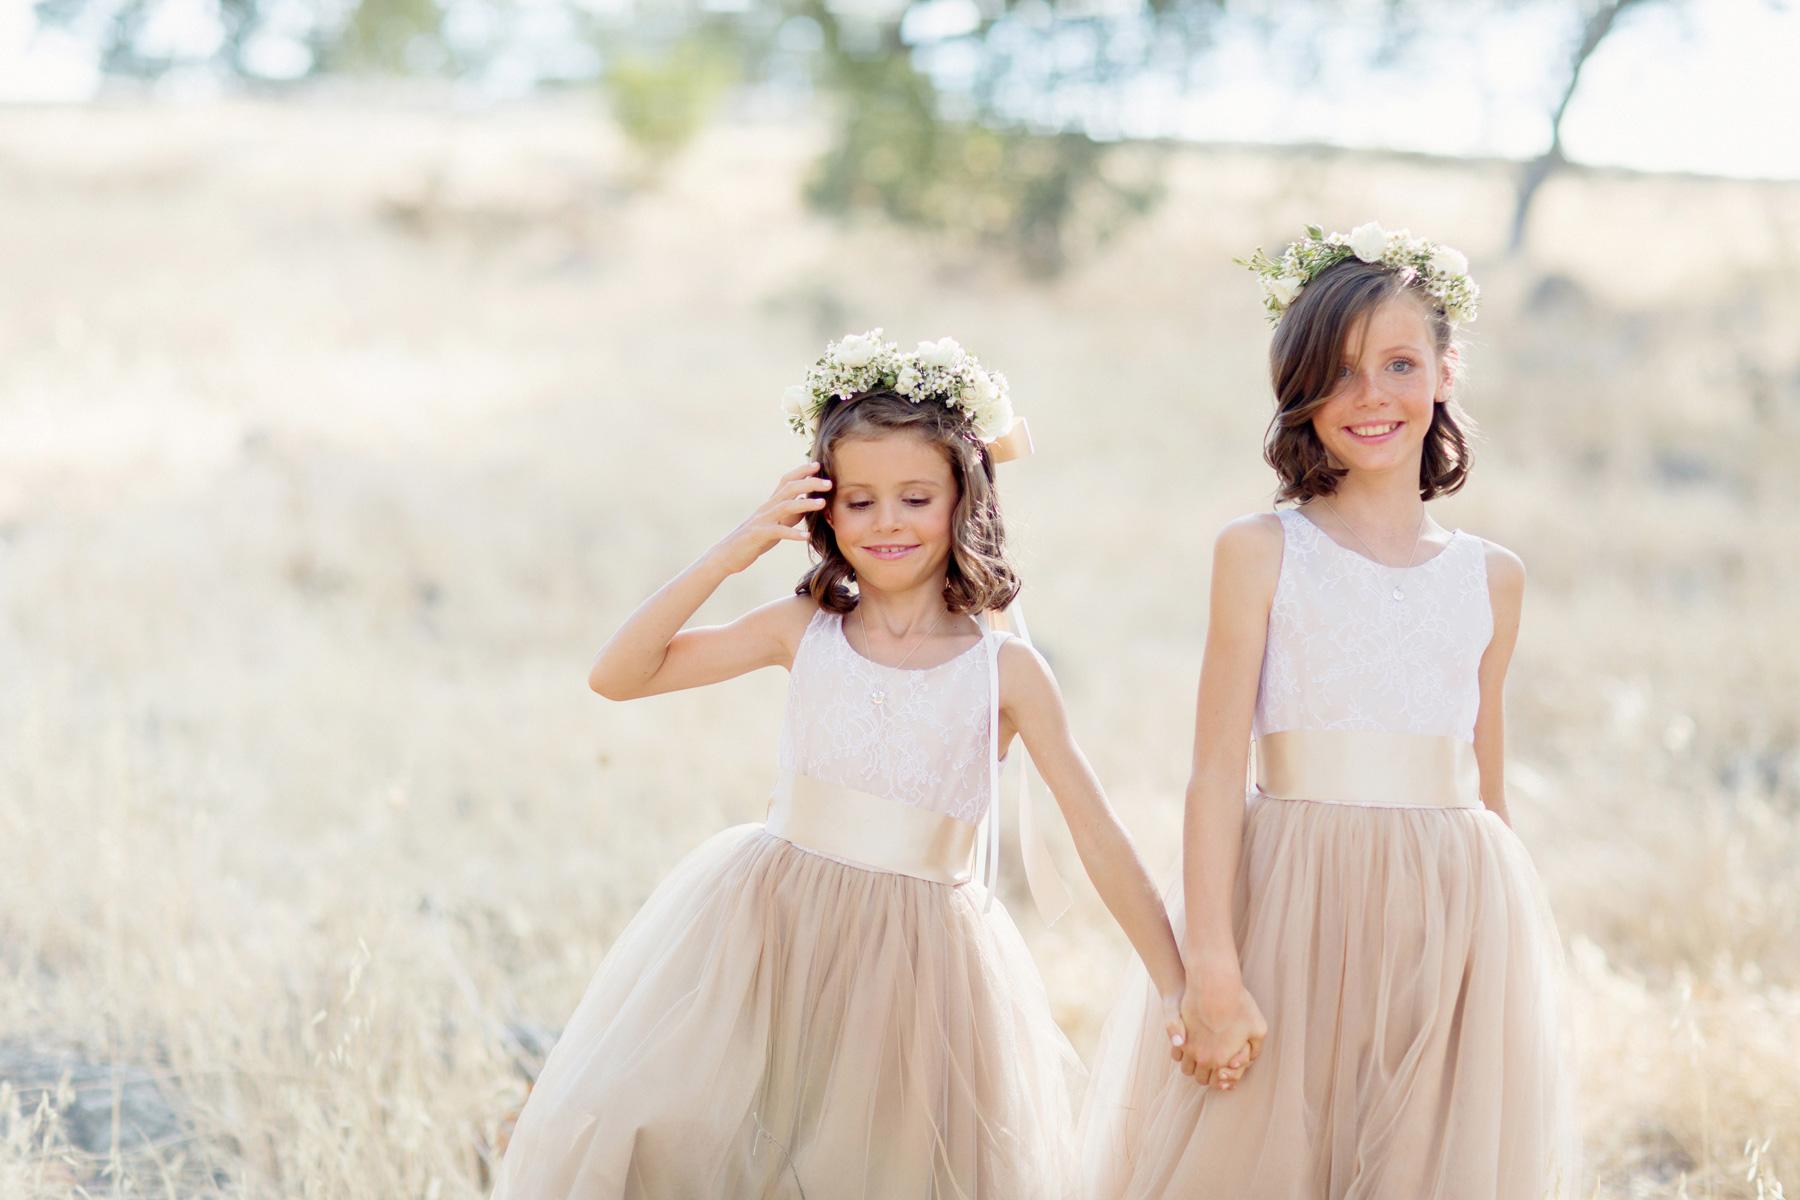 Flower Girl Dresses: Non-White Dress Options